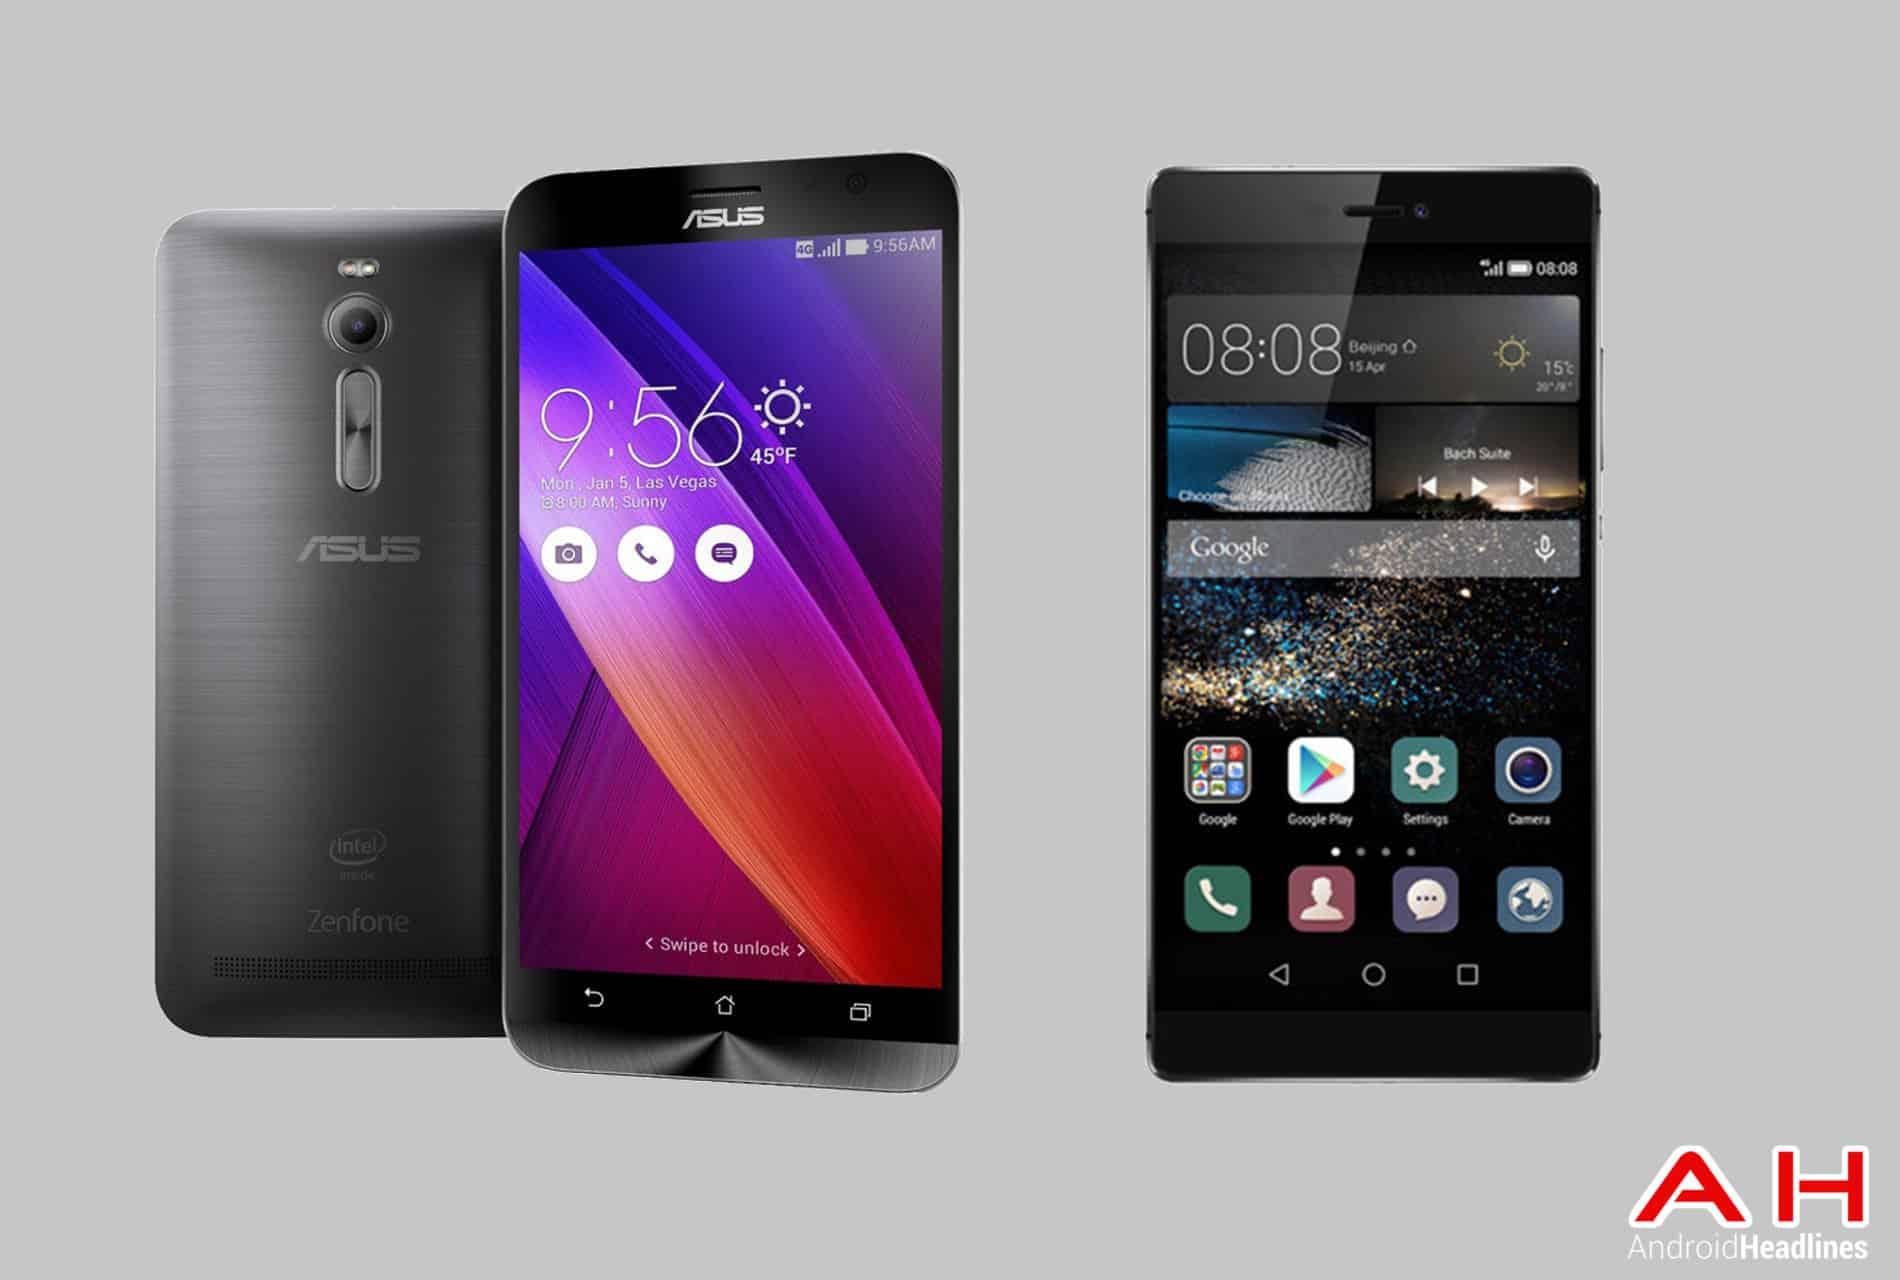 ZenFone 2 vs Huawei P8 cam AH 2